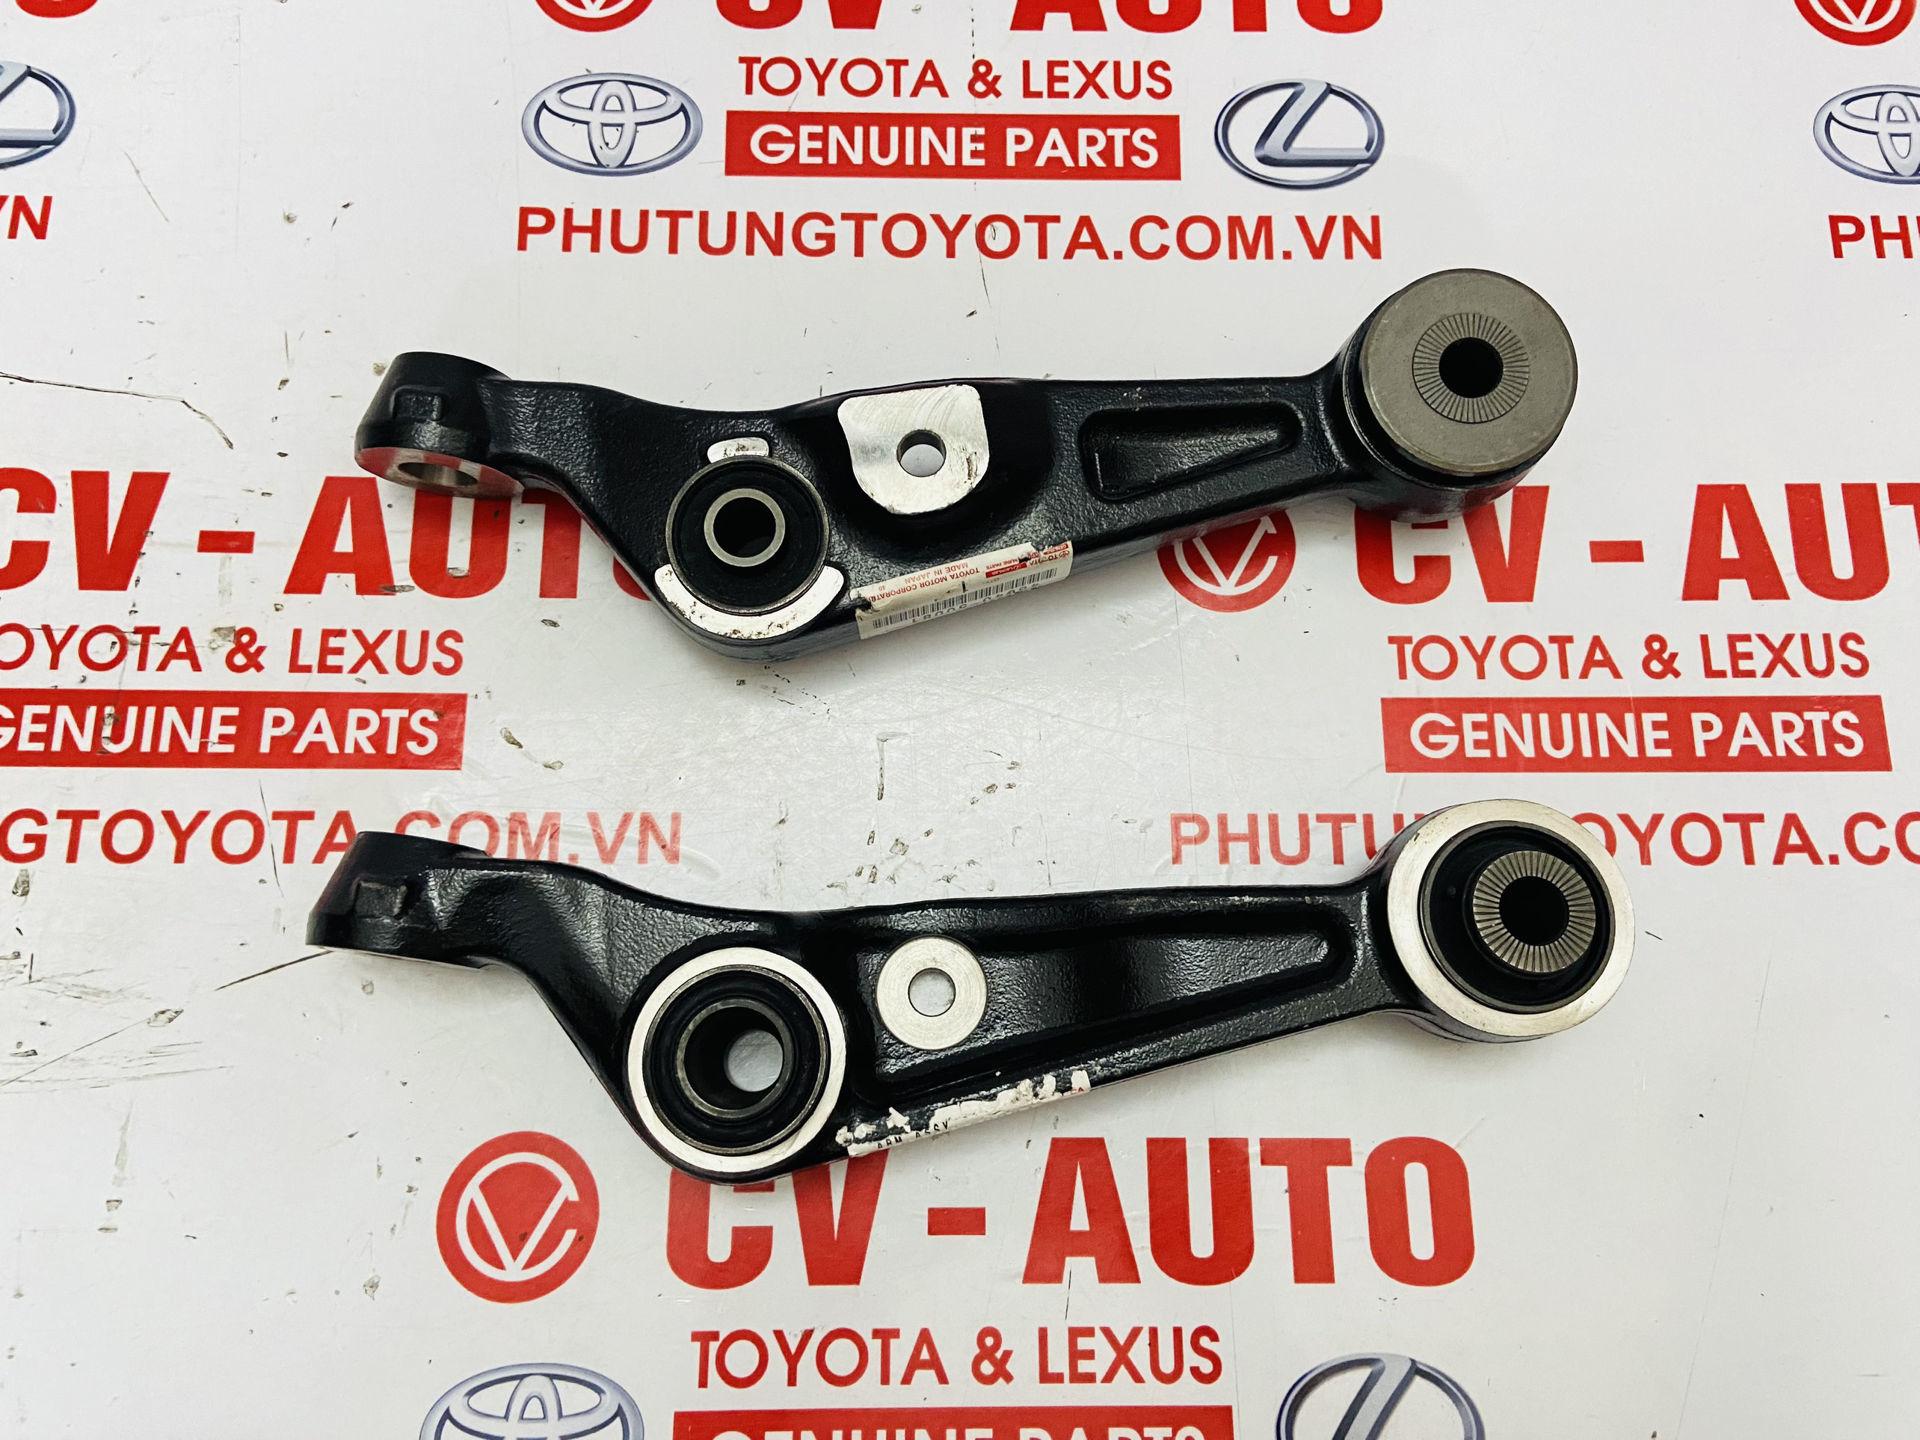 Picture of 48620-50081, 48640-50081, 4862050081, 4864050081 Càng I dưới Lexus LS460 LS600H chính hãng